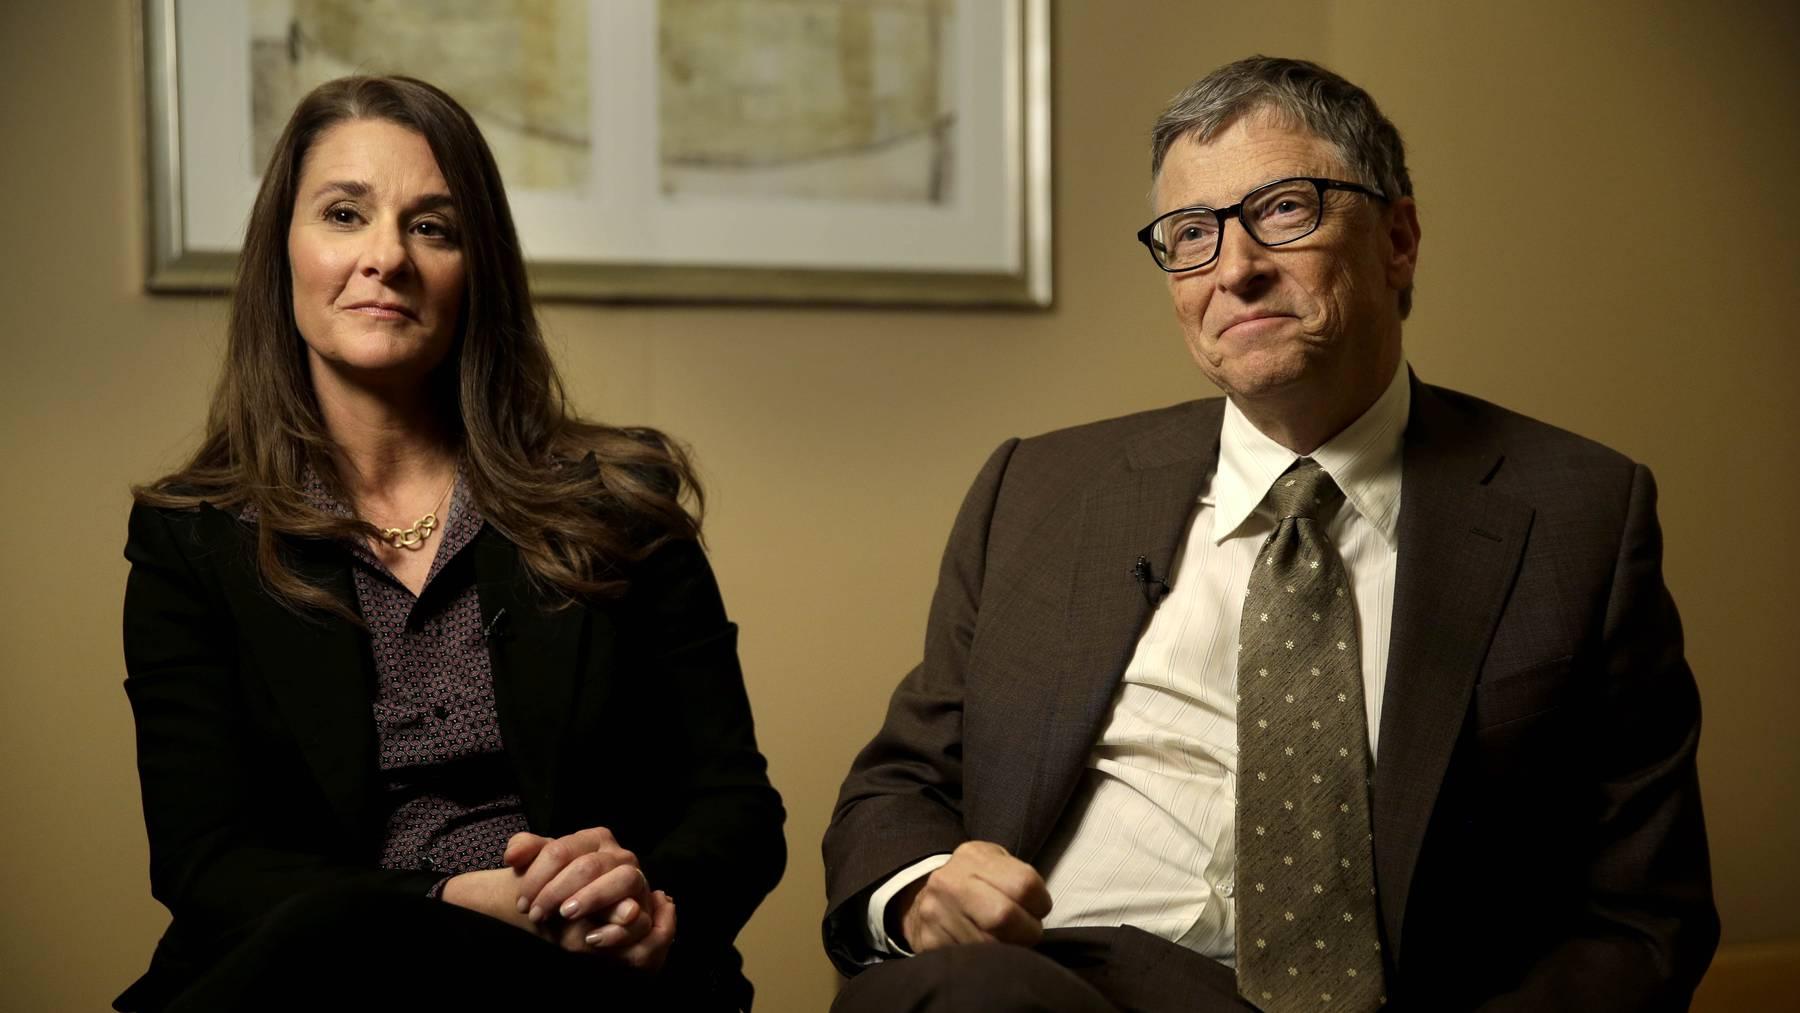 Mit ihrer Stiftung haben sie jahrelang gegen Armut, Krankheiten und Hunger gekämpft. Privat gehen Bill und Melinda Gates nun getrennte Wege.